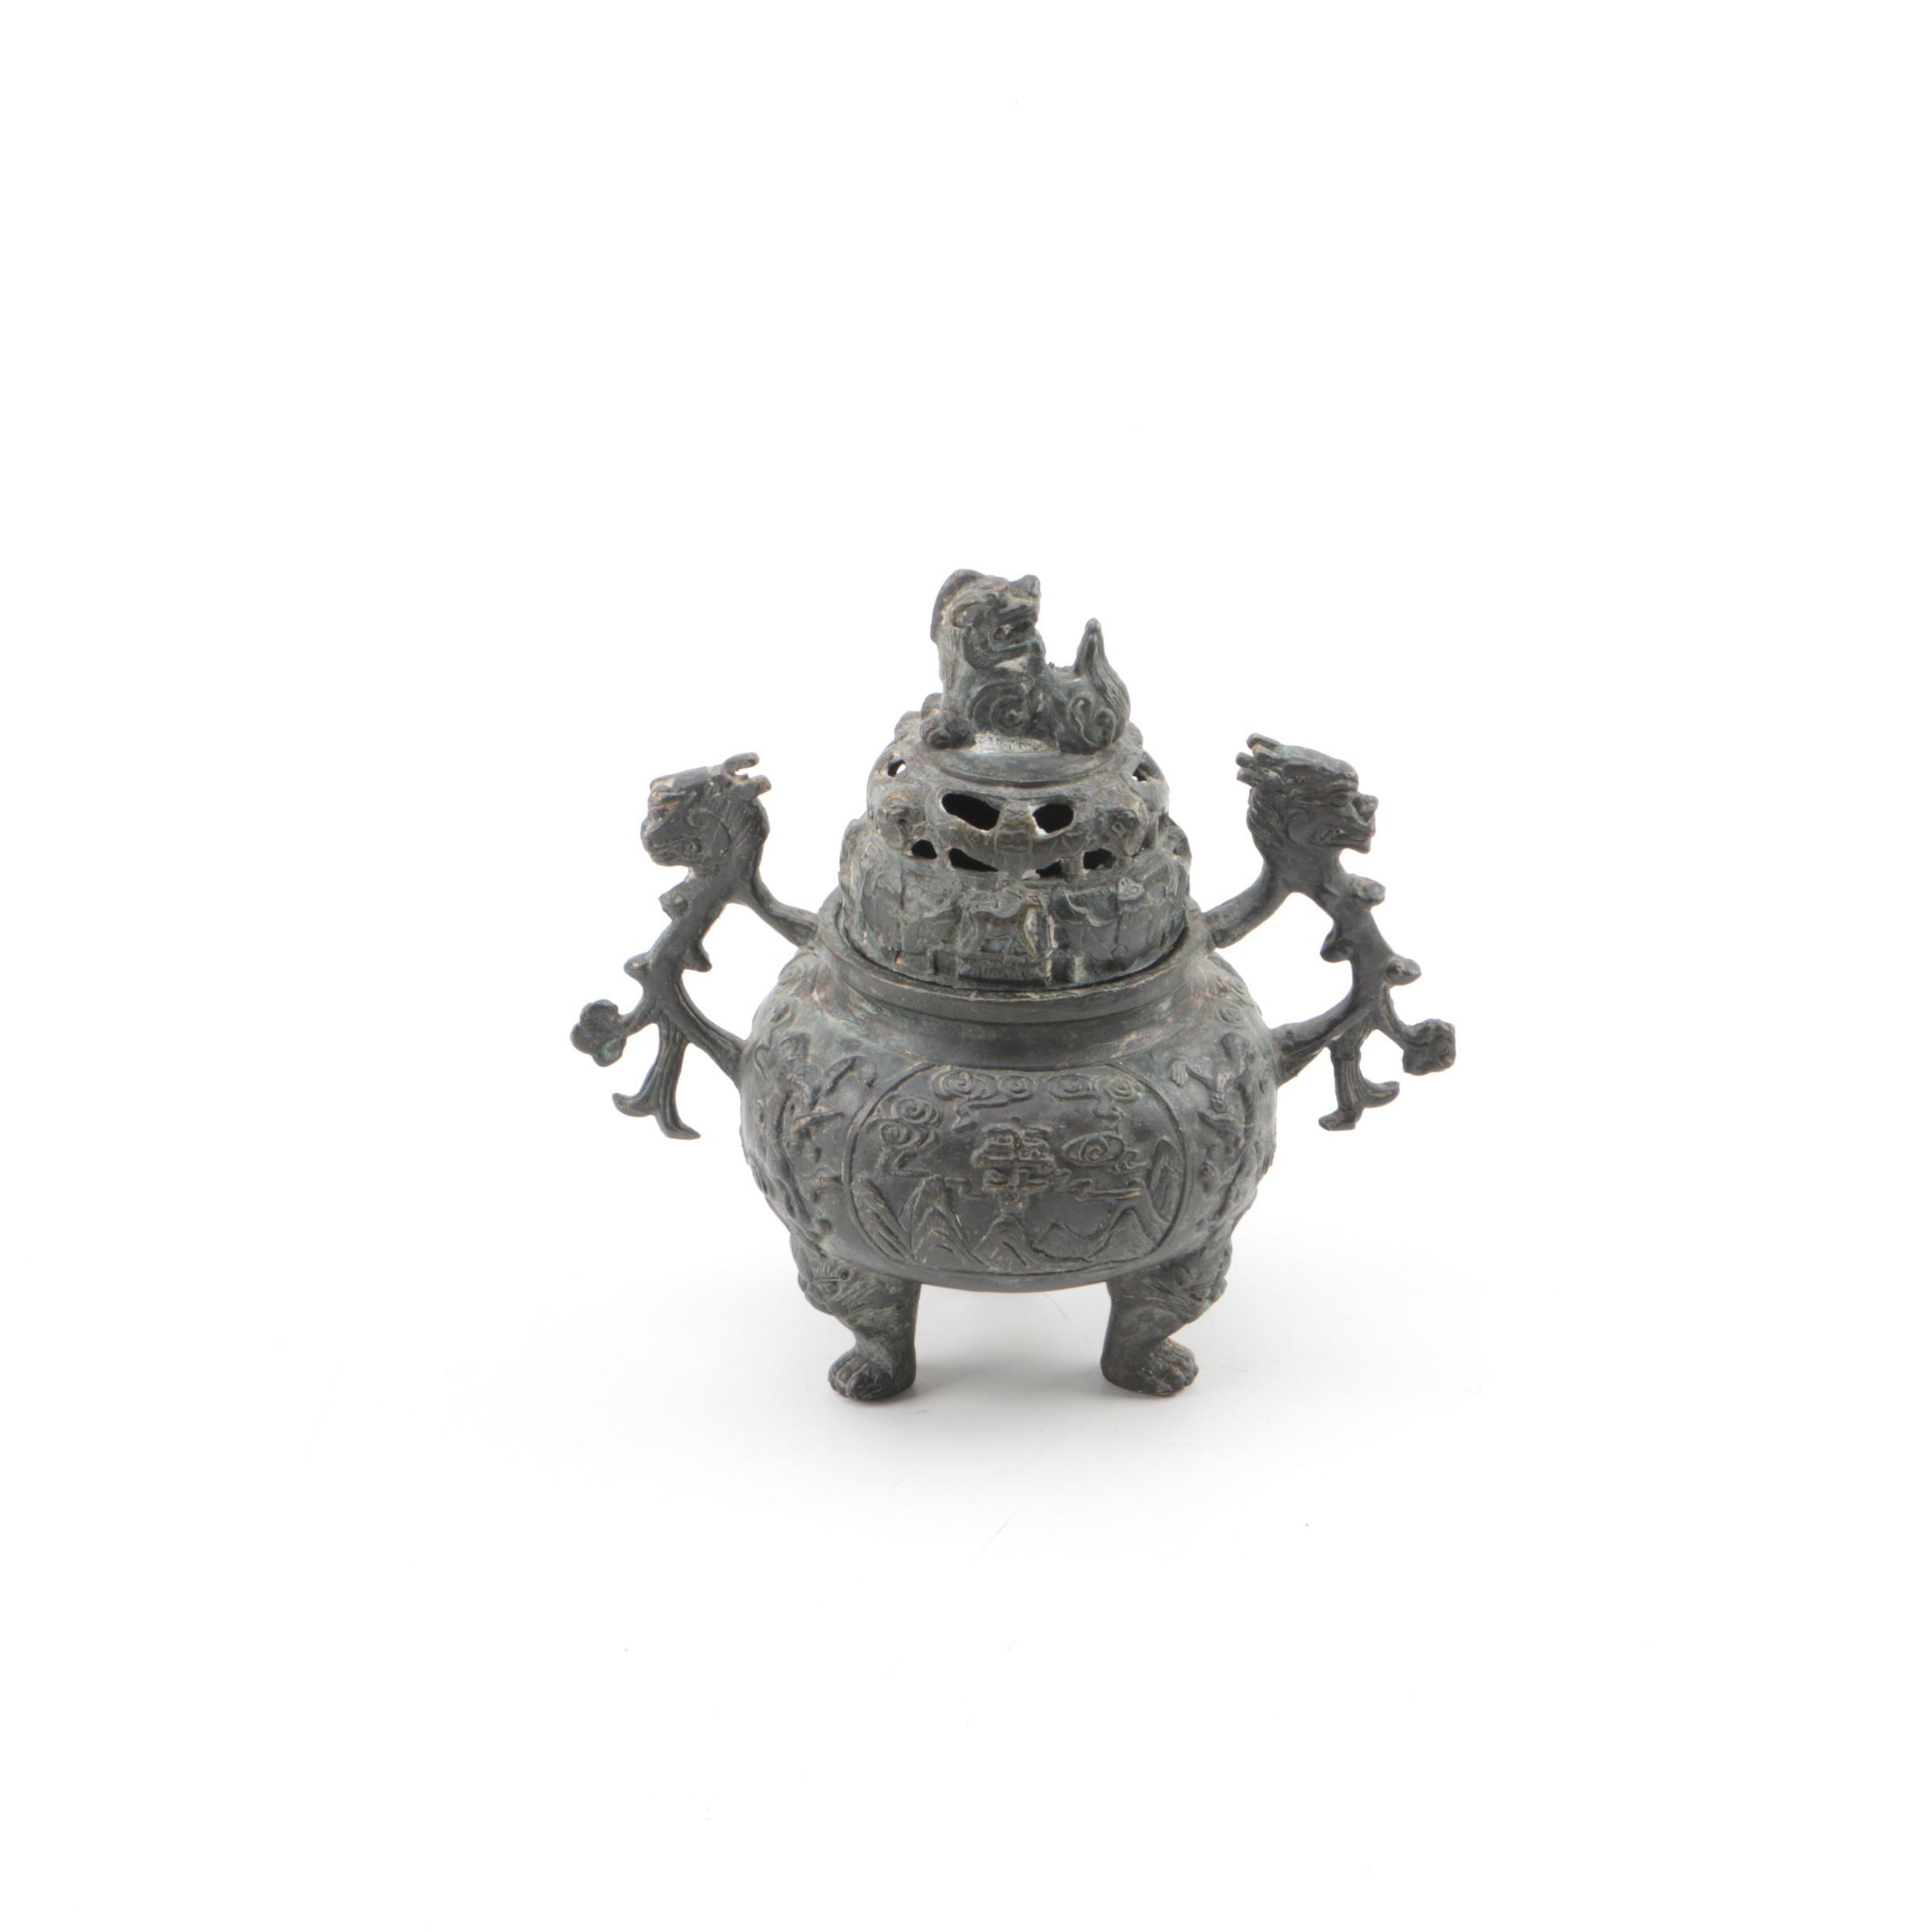 Chinese Metal Incense Burner